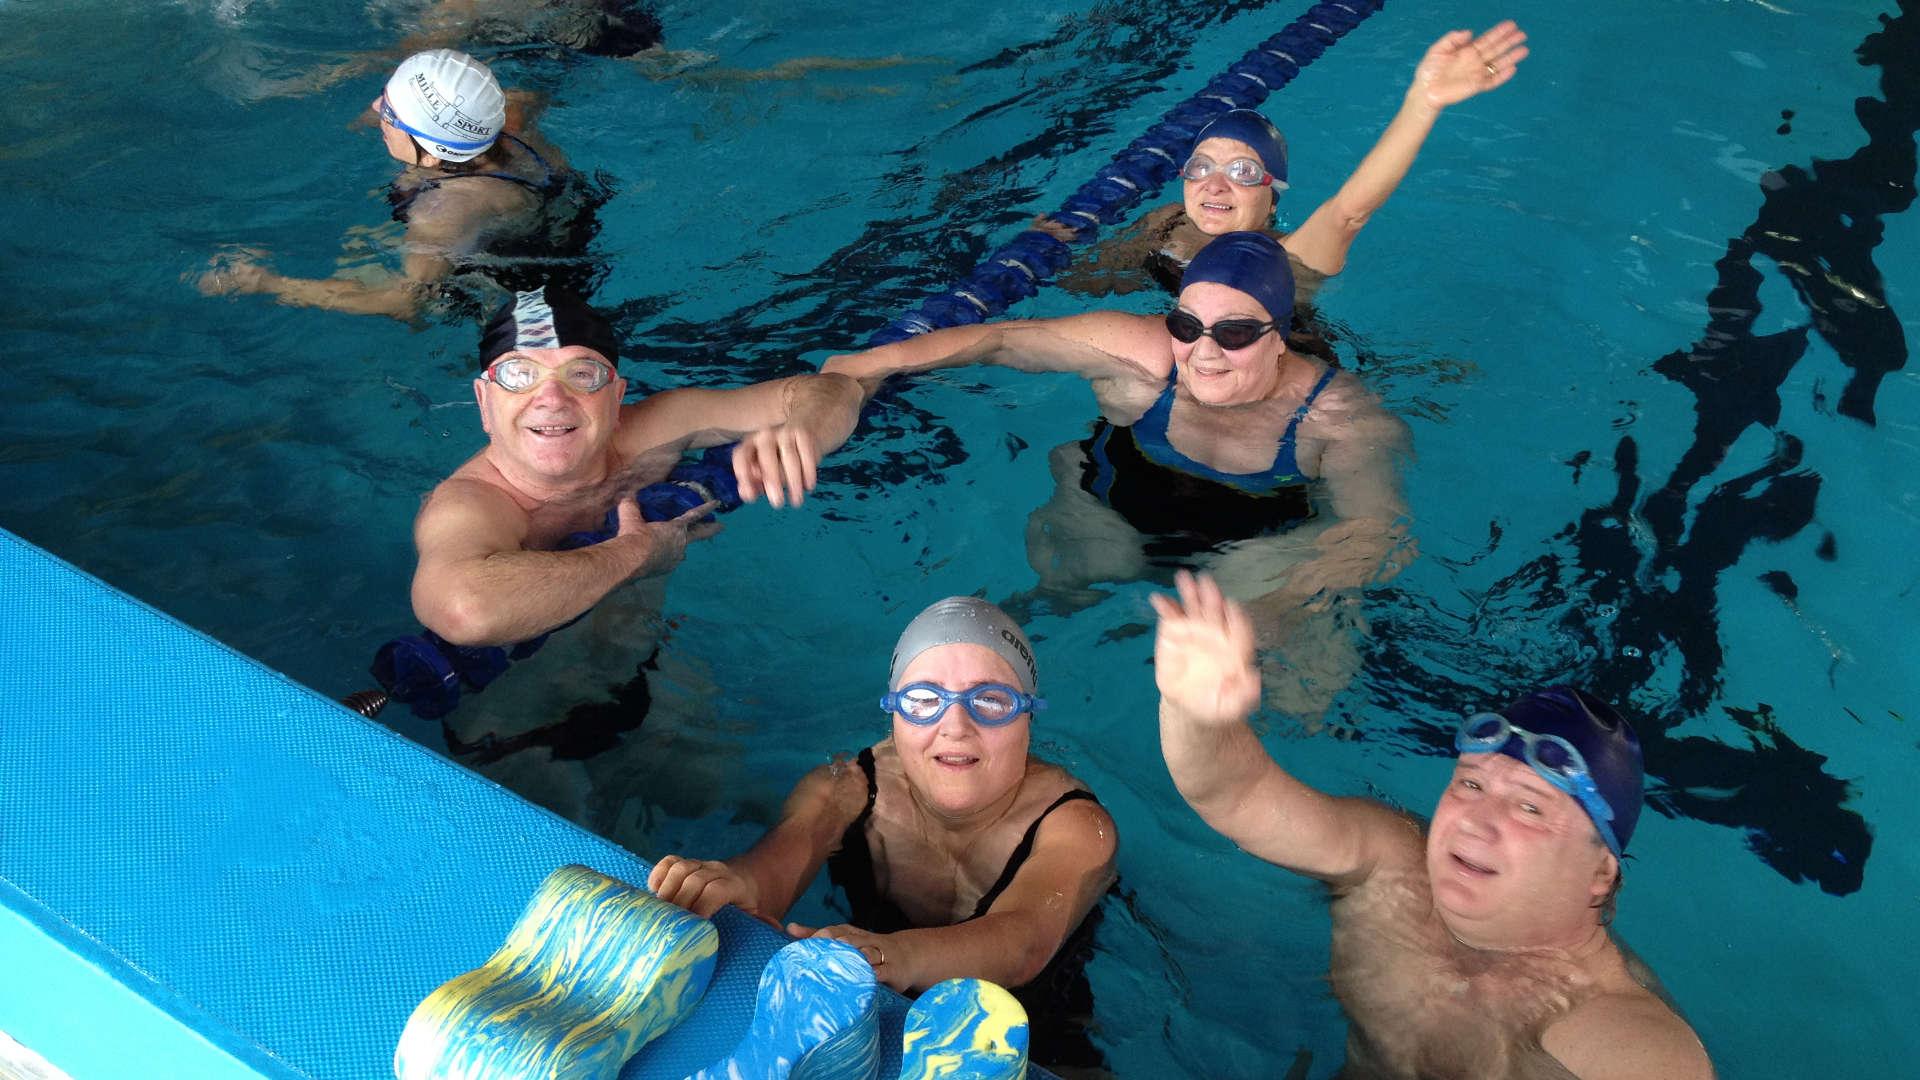 Municipio i ferragosto in piscina per 100 anziani radio - Nuoto in piscina ...